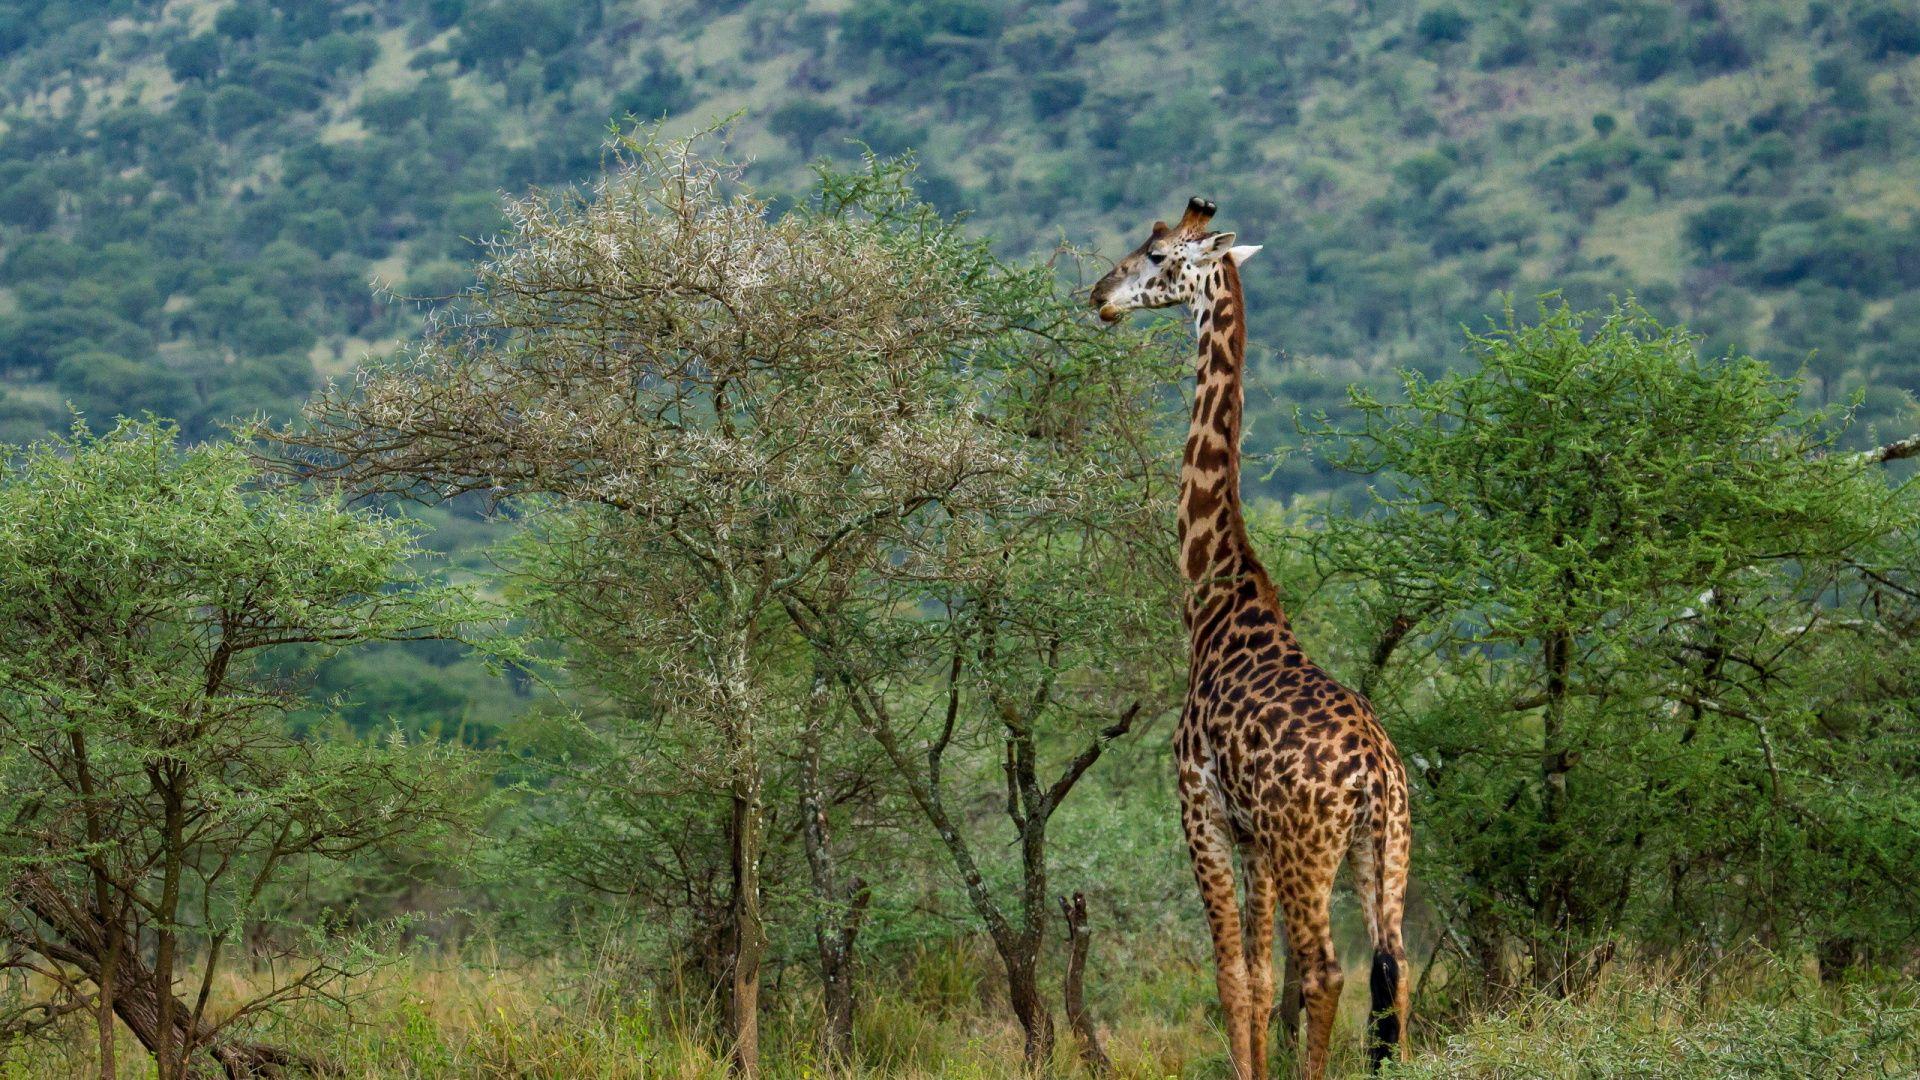 Giraffe In The Savanna